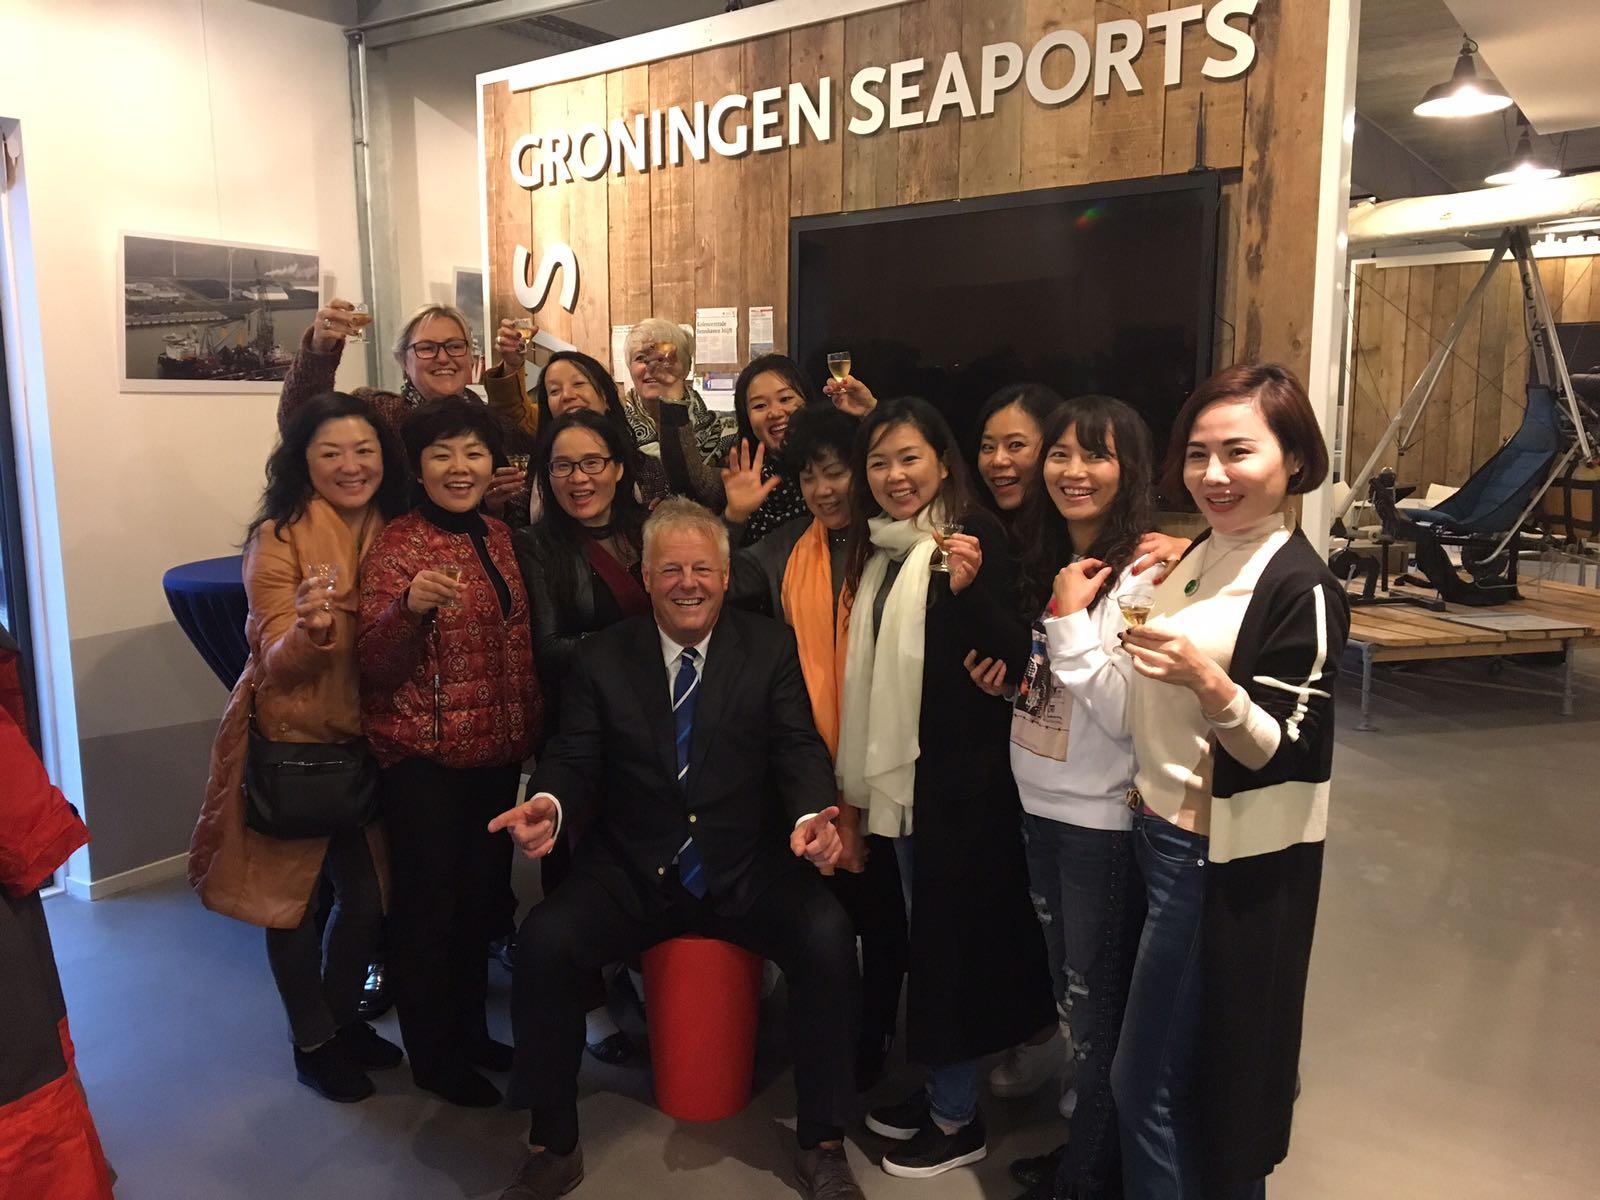 Ontvangst door Harm Post bij Groningen Seaports. Wat een feest!